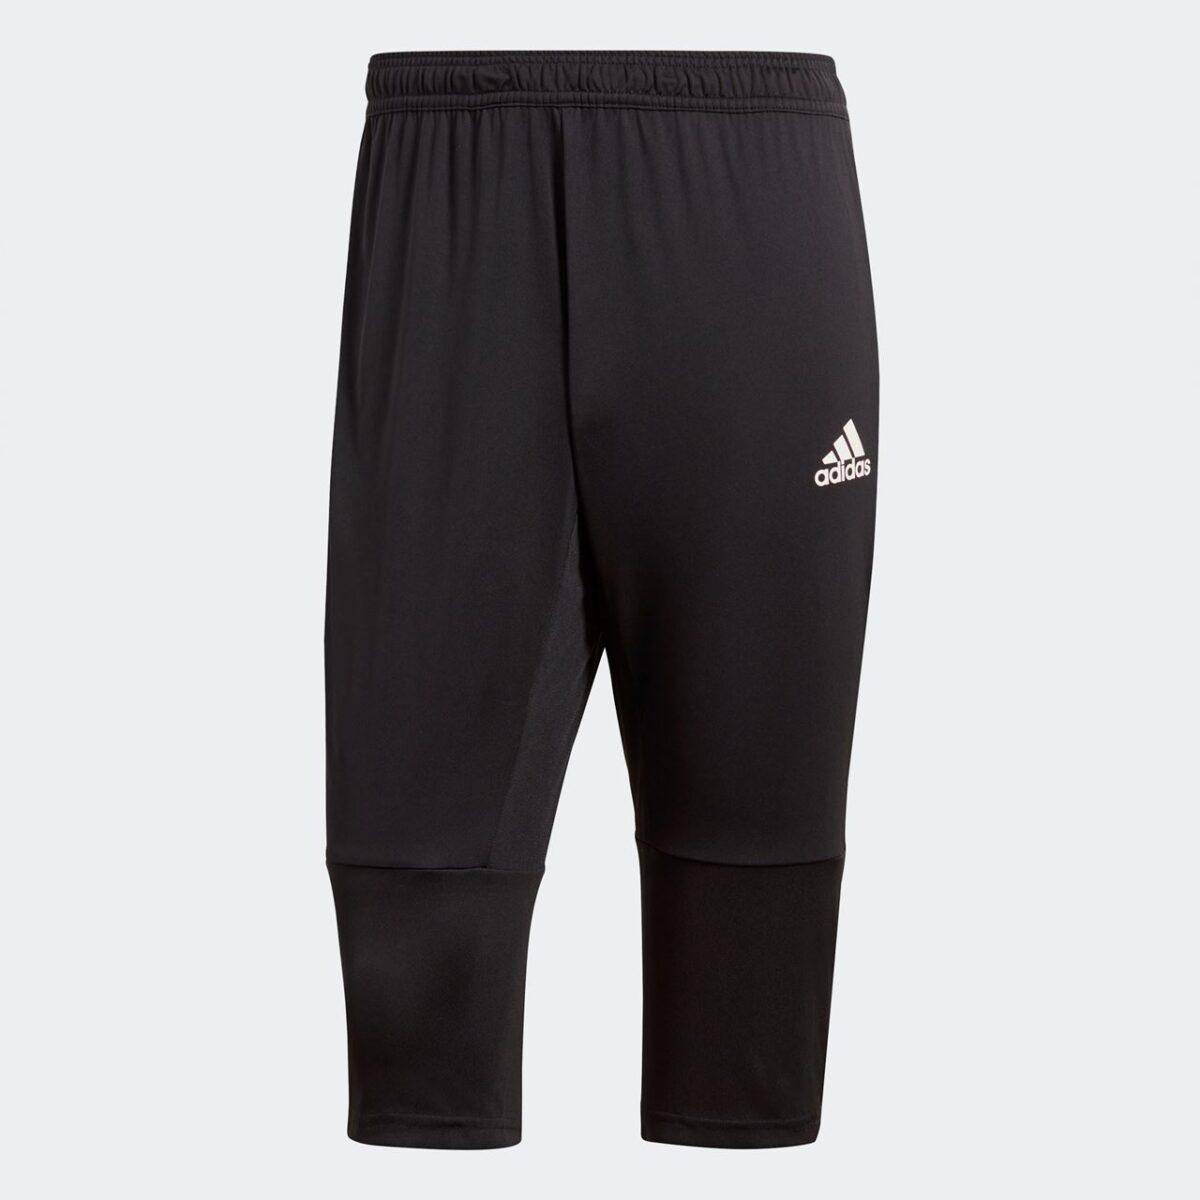 Adidas Condivo 18 3/4 Pant Junior